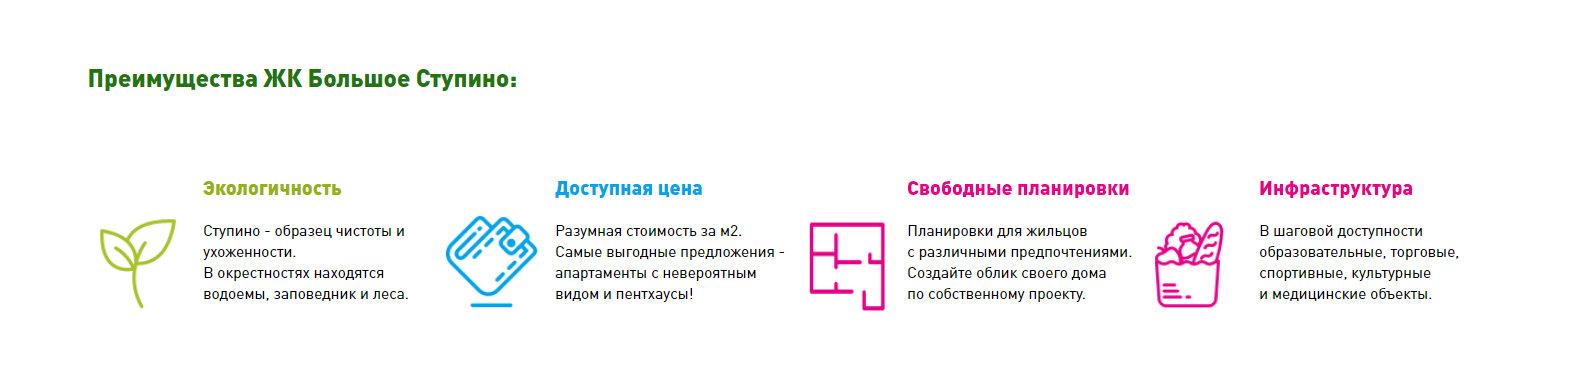 Наши преимущества, Ступино, новый сайт